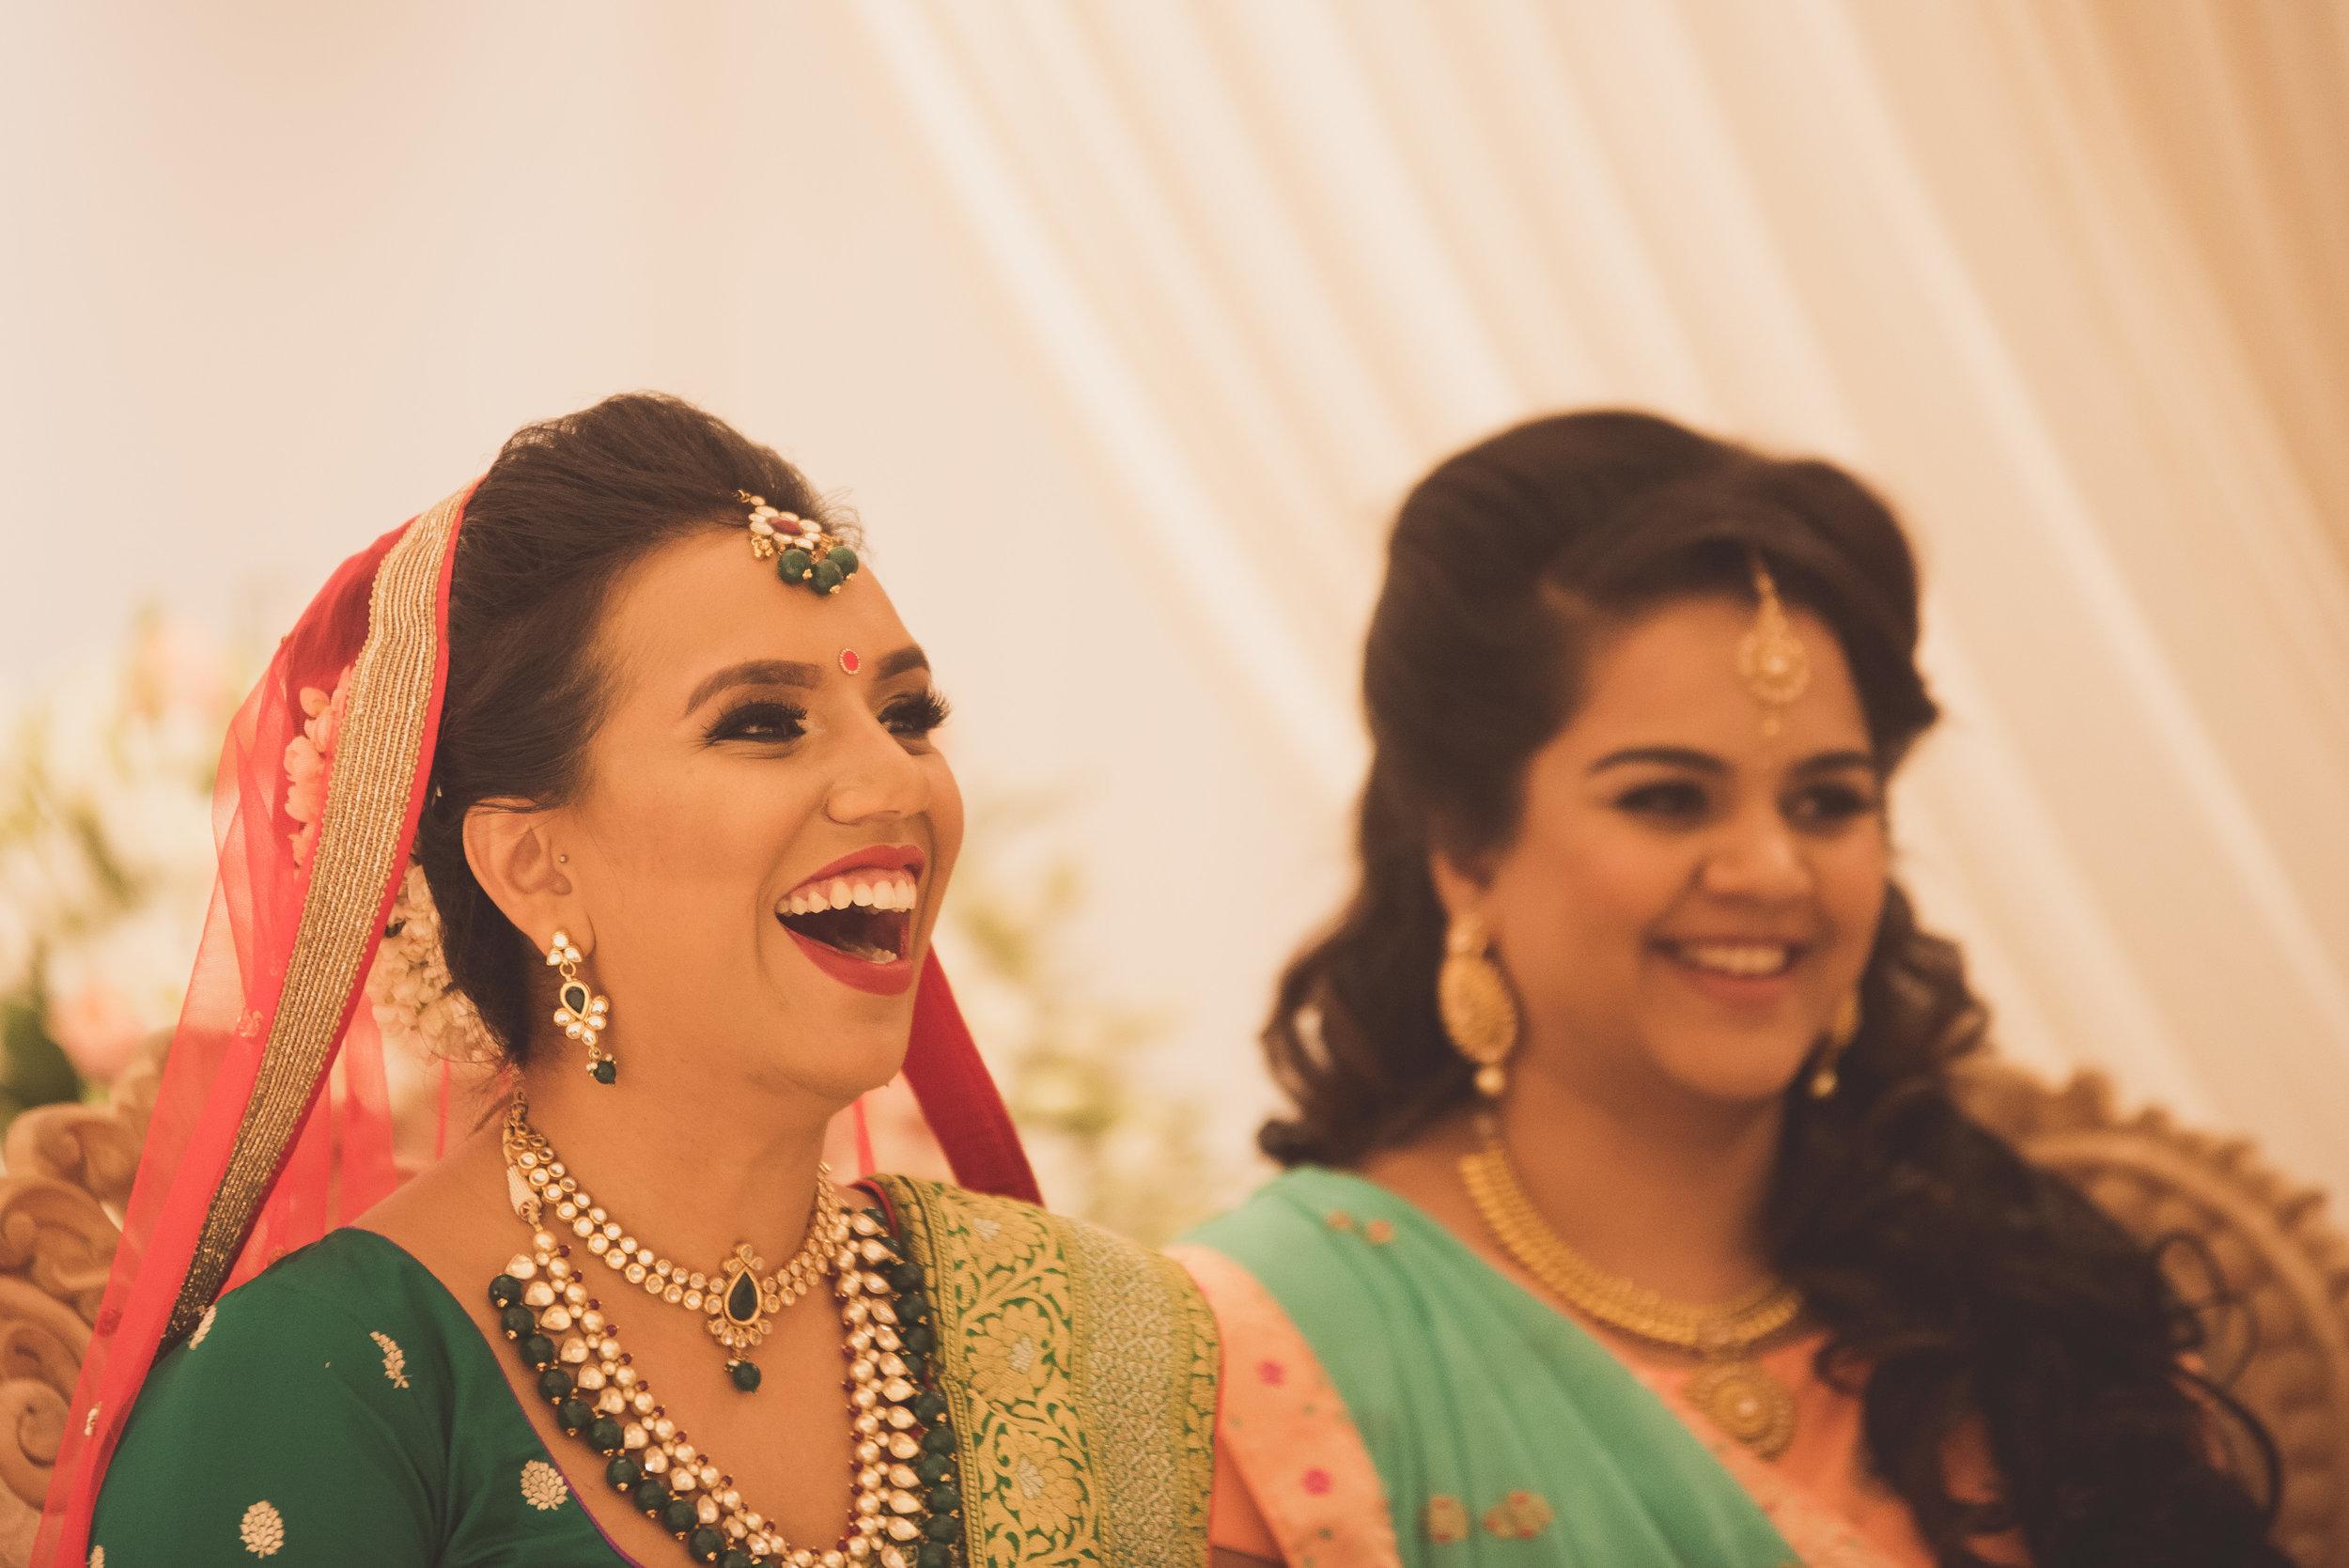 Hindu bride at the Oshwal Centre